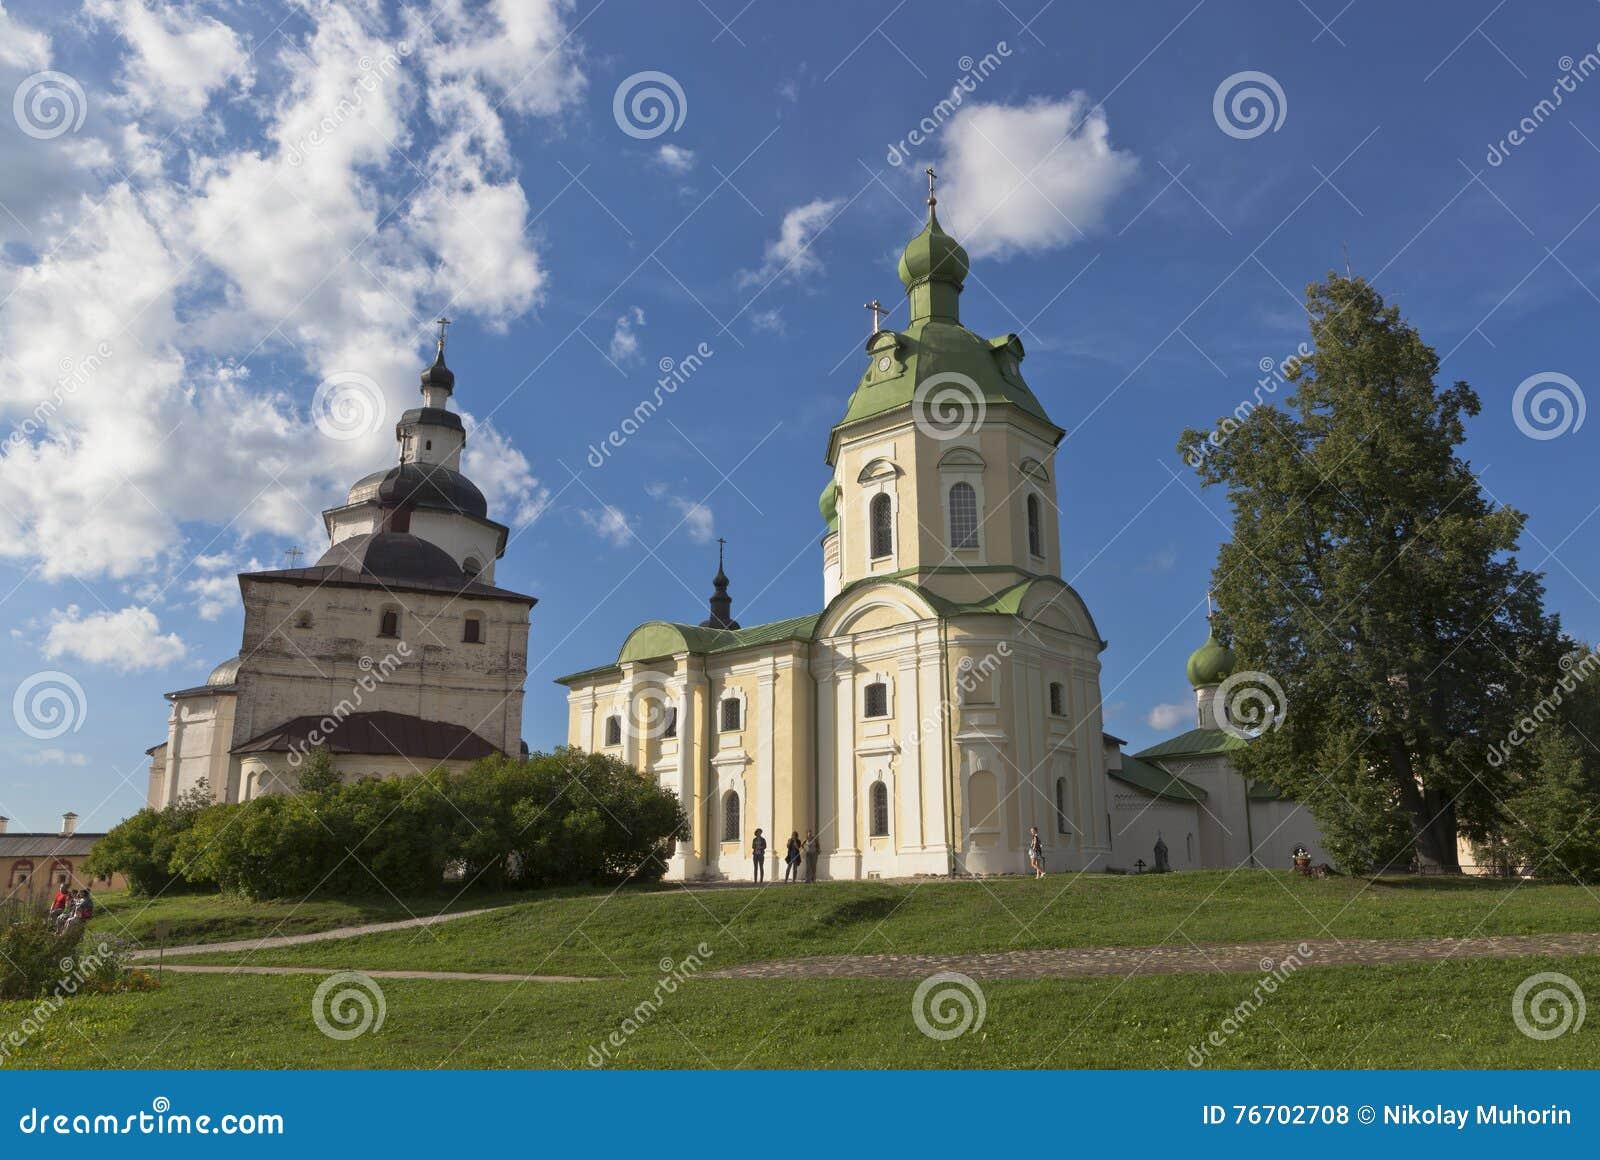 Kyrkaärkeängel Gabriel och Kirill Belozersky av den Kirillo-Belozersky kloster, Vologda region, Ryssland